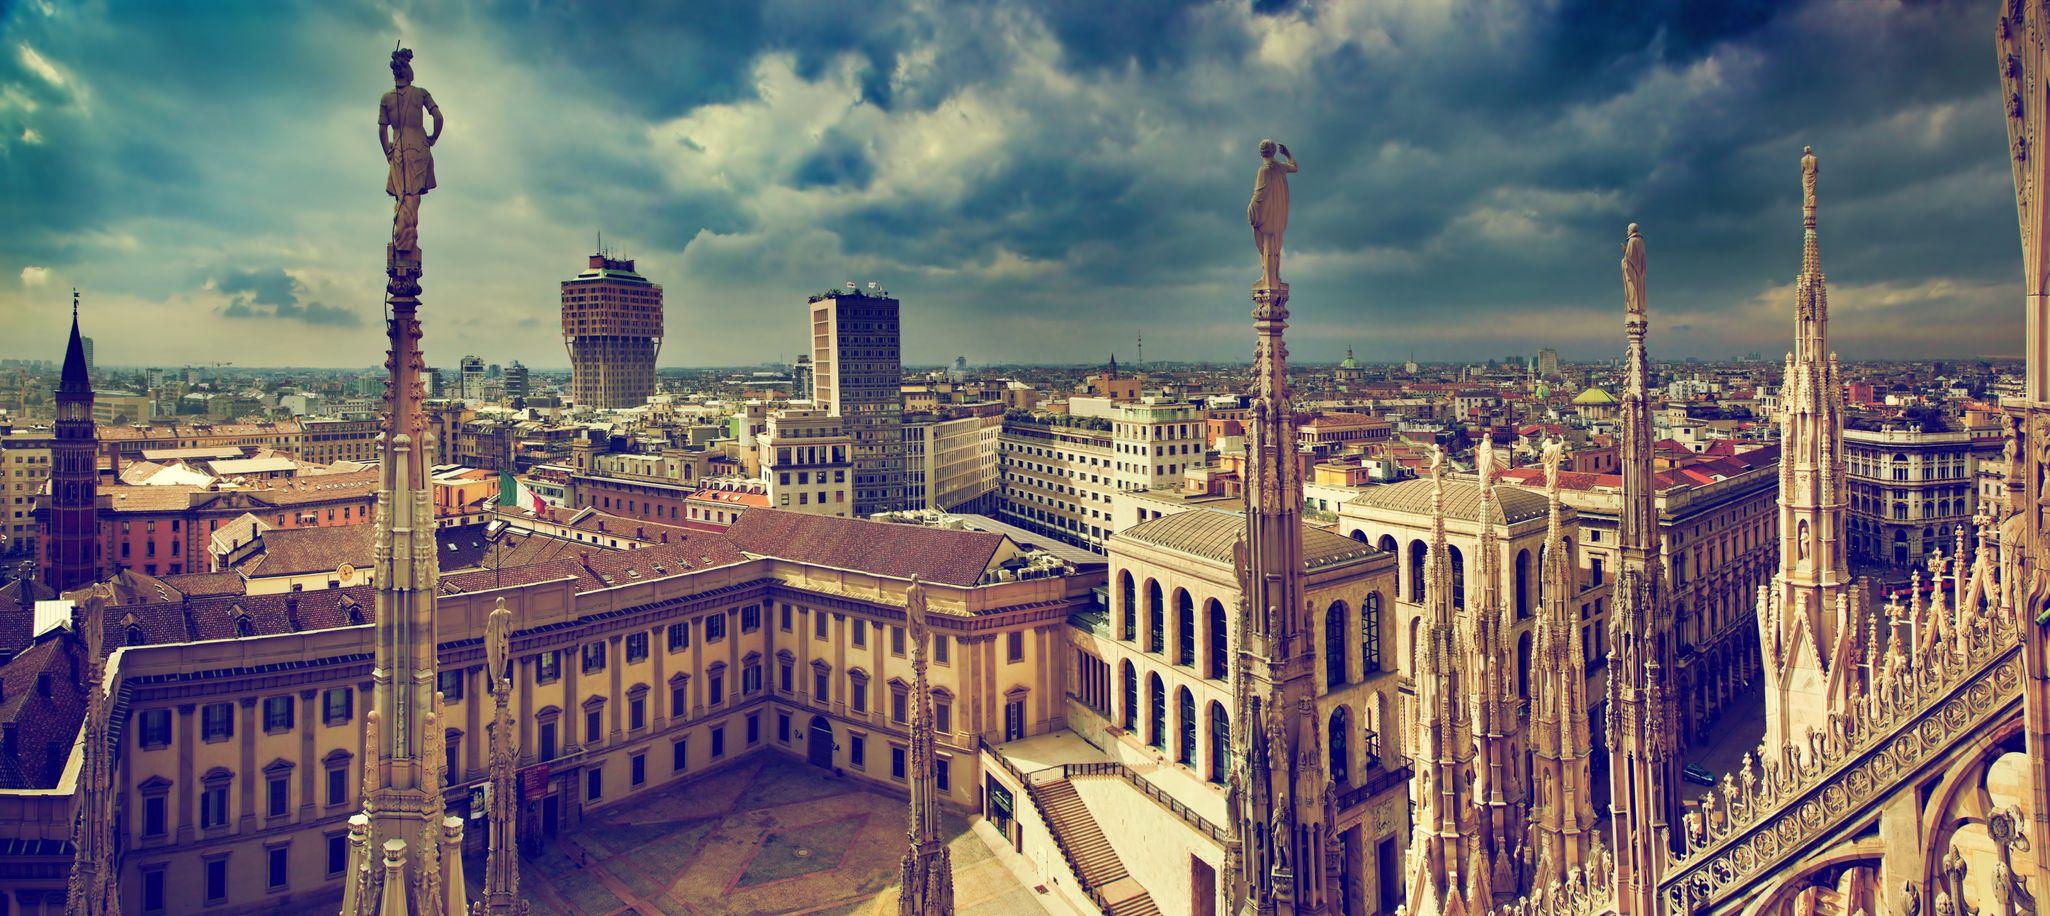 Milan Website Monitoring